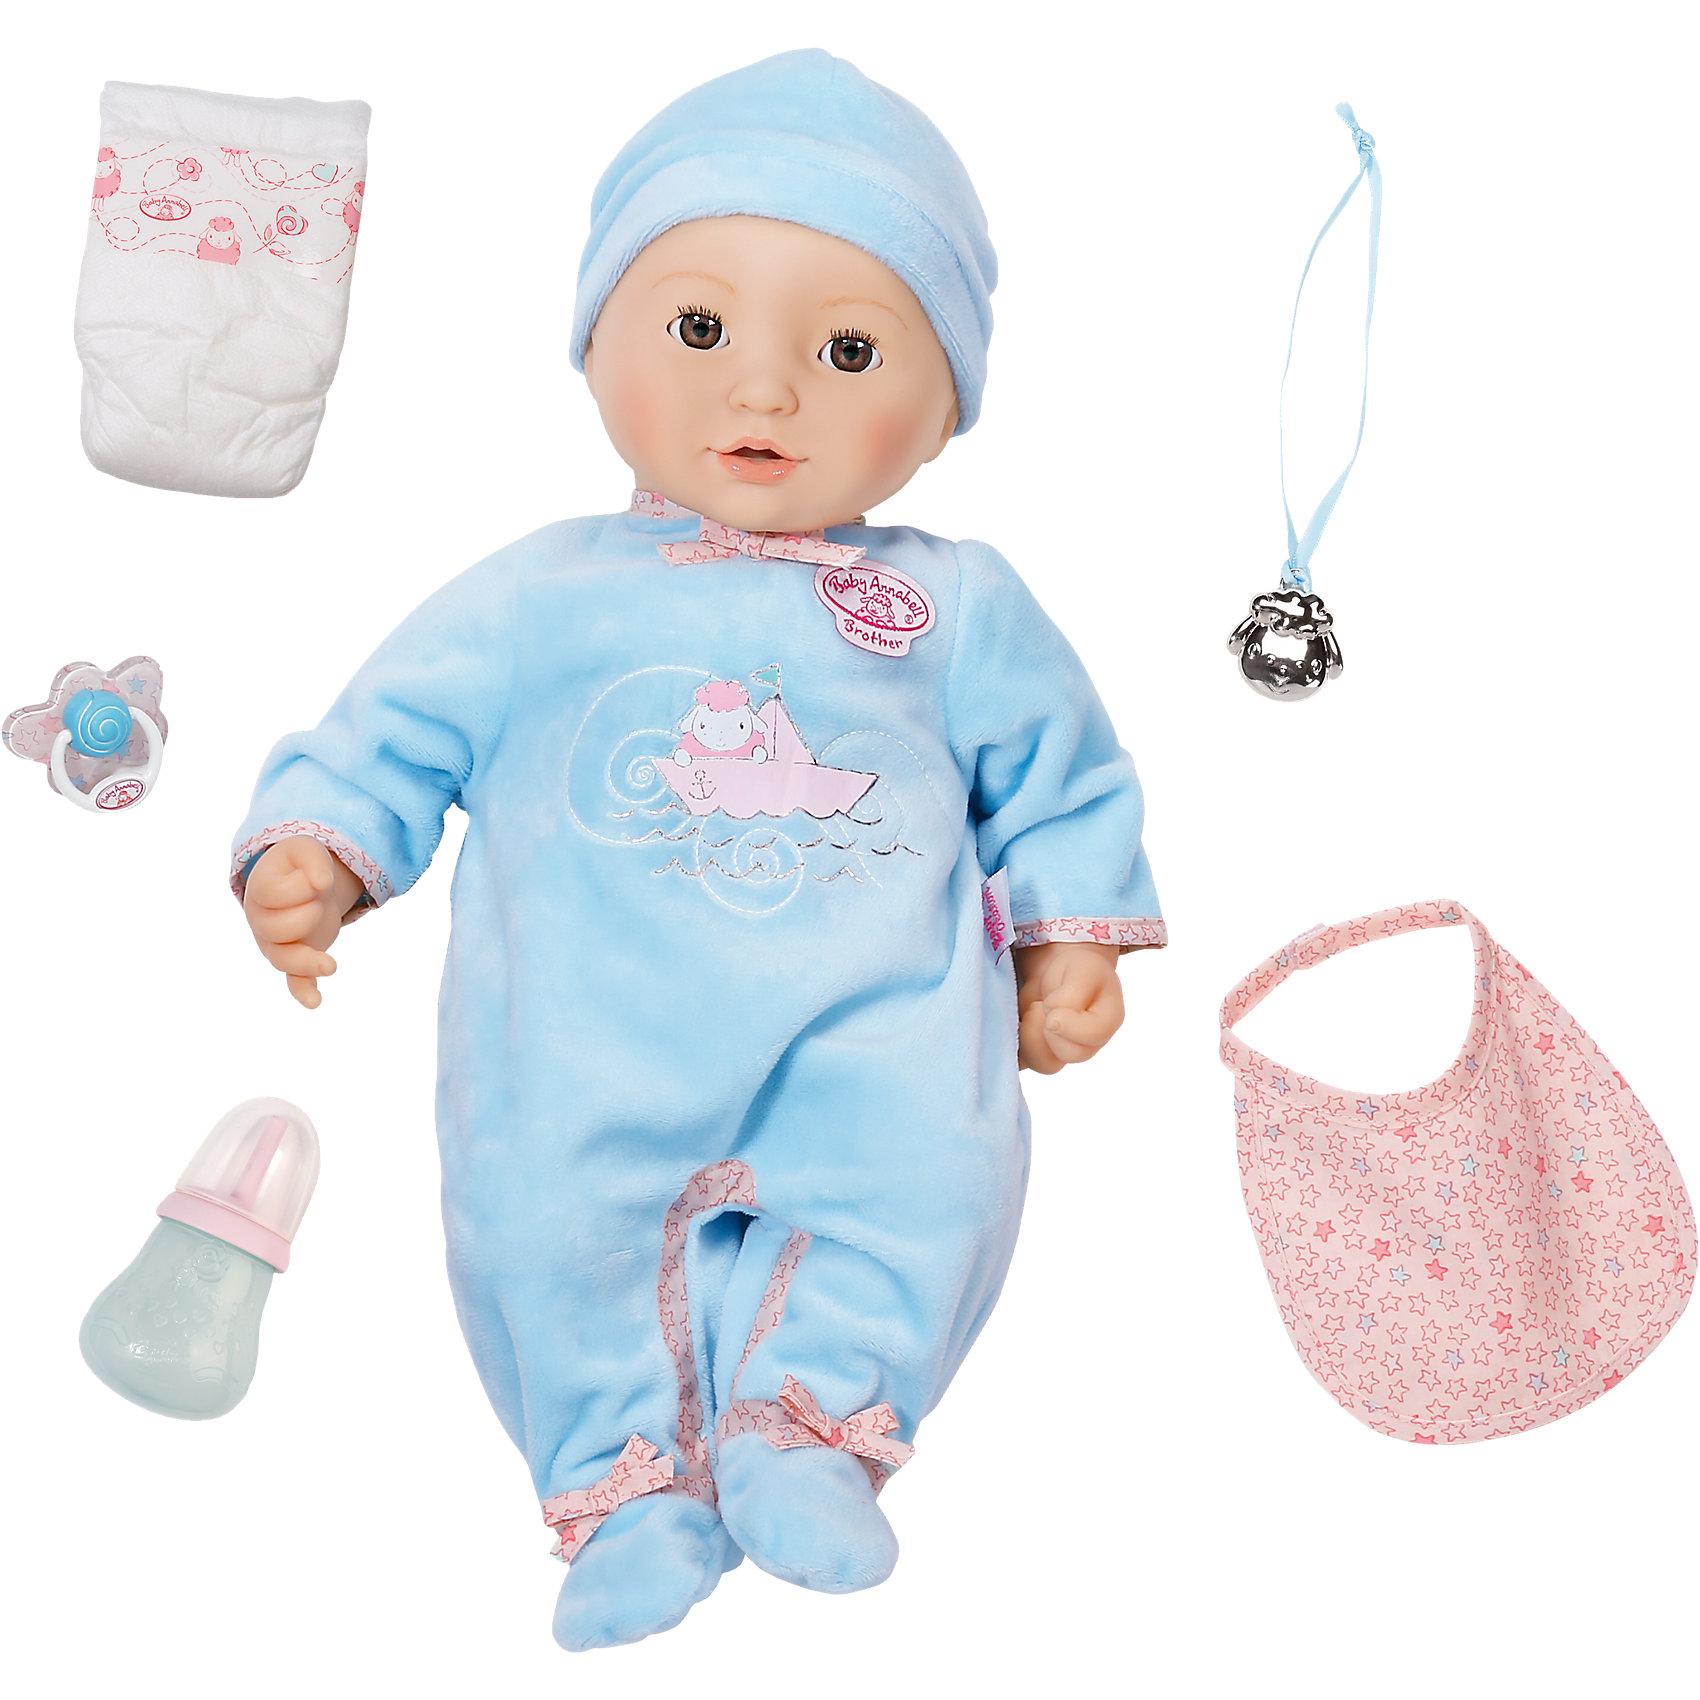 Многофункциональная кукла-мальчик , 46 см, Baby AnnabellБренды кукол<br>Характеристики товара:<br><br>- цвет: разноцветный;<br>- материал: пластик, текстиль;<br>- особенности: пьет и сосет соску, двигая ртом, писает, плачет настоящими слезами, срыгивает и лепечет, засыпает;<br>- размер упаковки: 30х19х40 см;<br>- размер куклы: 46 см.<br><br>Такие красивые куклы не оставят ребенка равнодушным! Какая девочка откажется поиграть с куклой, которая выглядит и ведет себя почти как настоящий ребенок?! Игрушка отлично детализирована, очень качественно выполнена, поэтому она станет отличным подарком ребенку. Она столько всего умеет! Кукла дополнена аксессуарами.<br>Изделие произведено из высококачественного материала, безопасного для детей.<br><br>Многофункциональную куклу-мальчика, 46 см, Baby Annabell можно купить в нашем интернет-магазине.<br><br>Ширина мм: 392<br>Глубина мм: 307<br>Высота мм: 213<br>Вес г: 1457<br>Возраст от месяцев: 36<br>Возраст до месяцев: 60<br>Пол: Женский<br>Возраст: Детский<br>SKU: 4674534